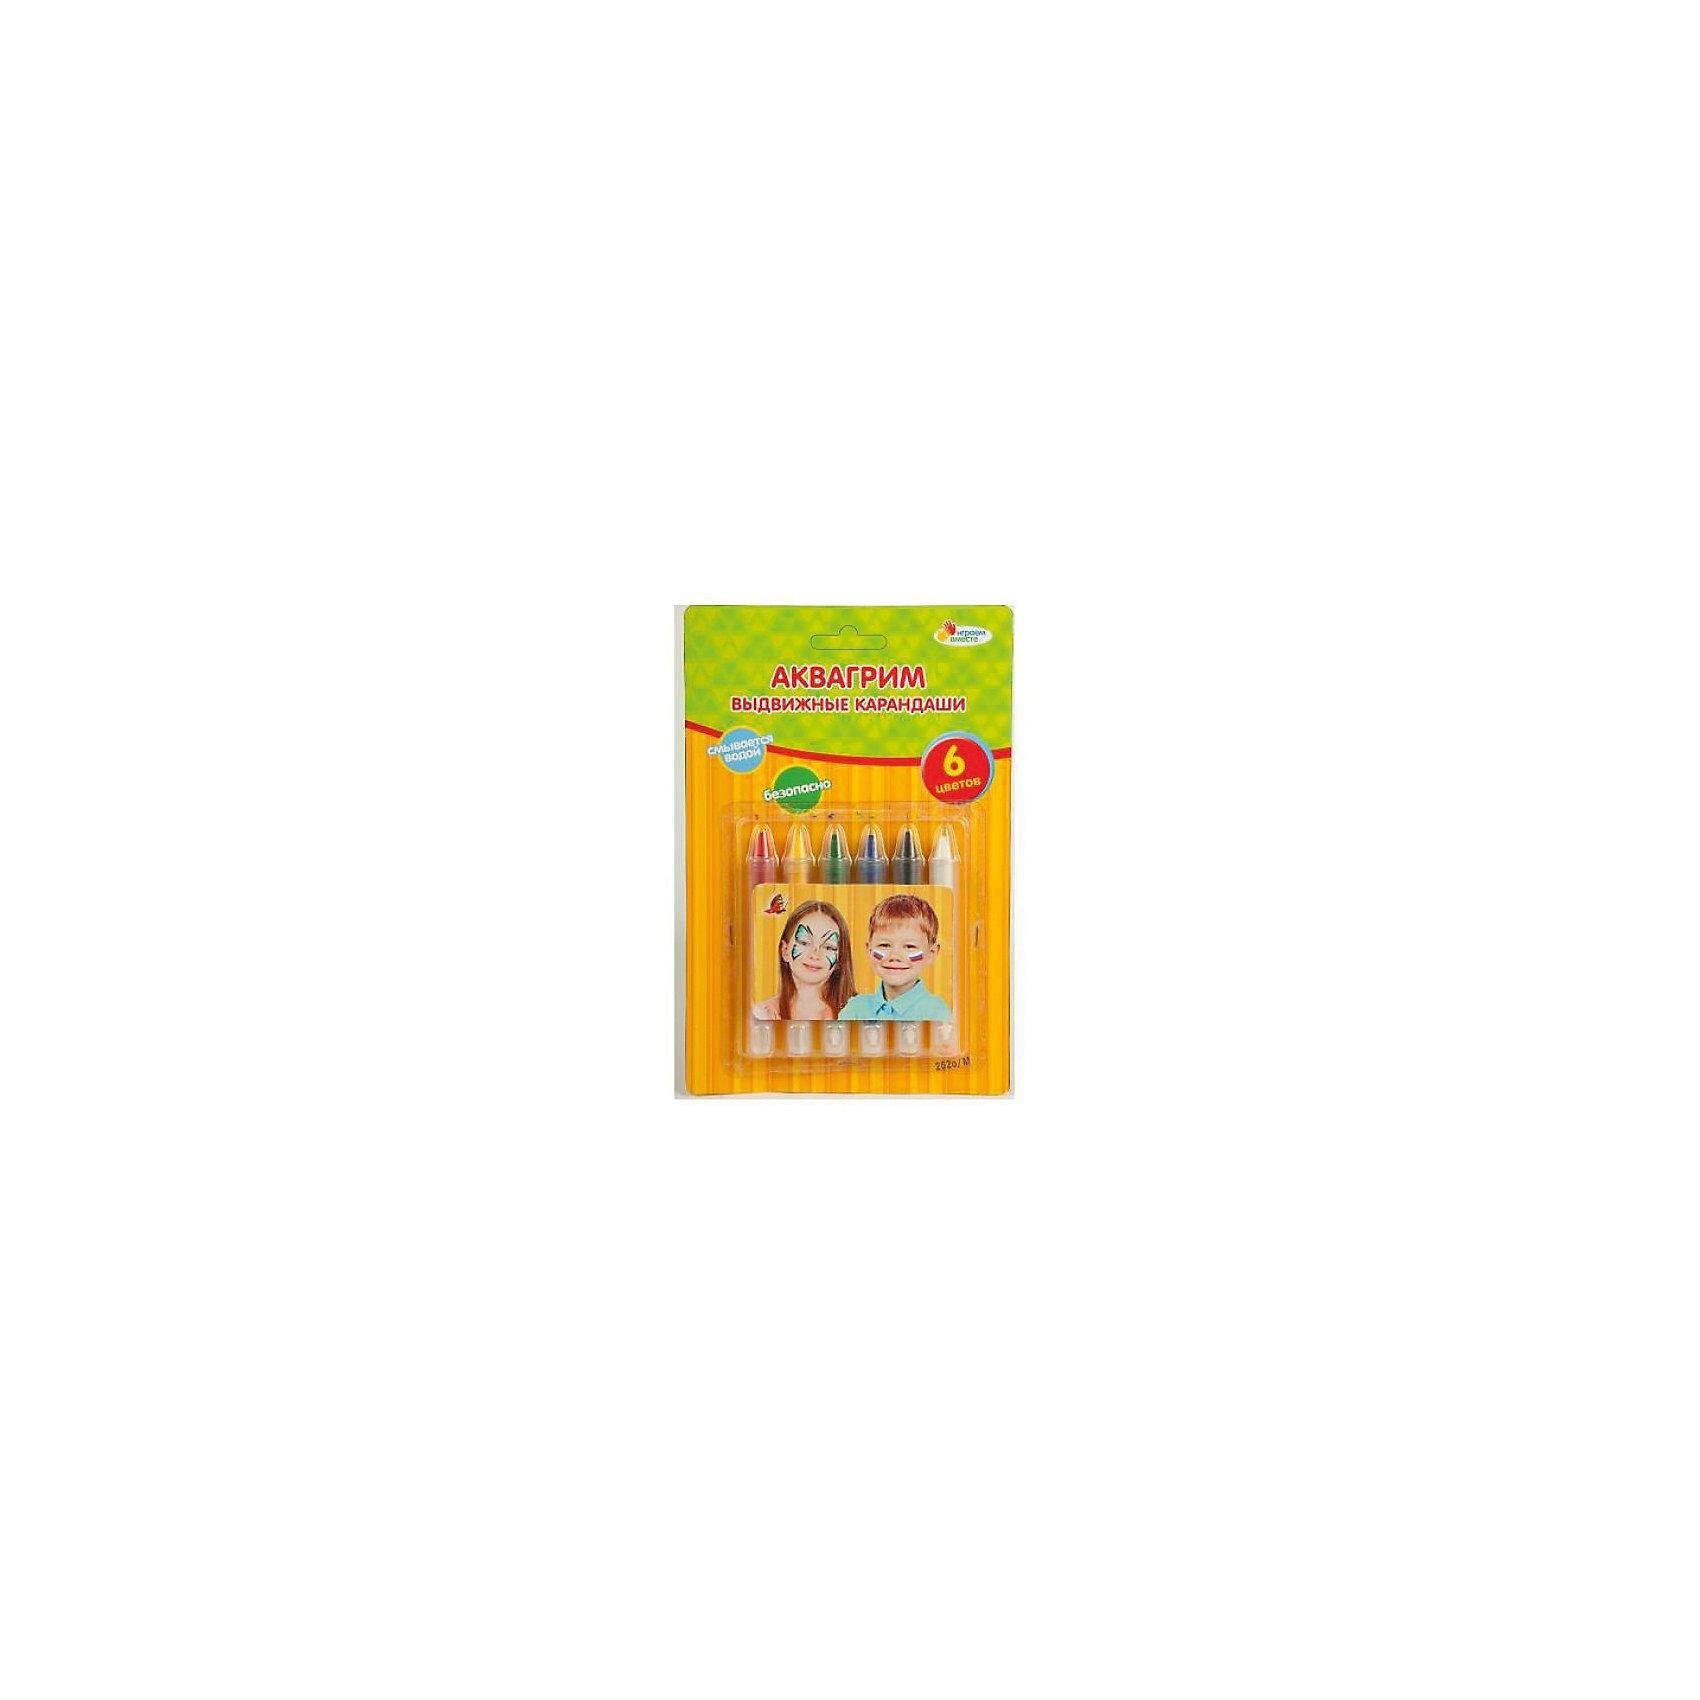 Аквагрим карандаши выдвижные, 6 цветовКосметика, грим и парфюмерия<br>Набор выдвижных карандашей для аквагрима позволит ребенку создать свой уникальный образ для любого мероприятия. Аквагрим не токсичен и легко смывается водой. Прекрасных выбор для самых ярких и творческих малышей!<br>Дополнительная информация:<br>-в наборе: карандаши 6 шт.<br>-вес: 80 грамм<br>-размер упаковки: 21х14х2 см<br>Набор выдвижных карандашей для аквагрима вы можете купить в нашем интернет-магазине.<br><br>Ширина мм: 20<br>Глубина мм: 140<br>Высота мм: 210<br>Вес г: 80<br>Возраст от месяцев: 36<br>Возраст до месяцев: 84<br>Пол: Унисекс<br>Возраст: Детский<br>SKU: 4915476